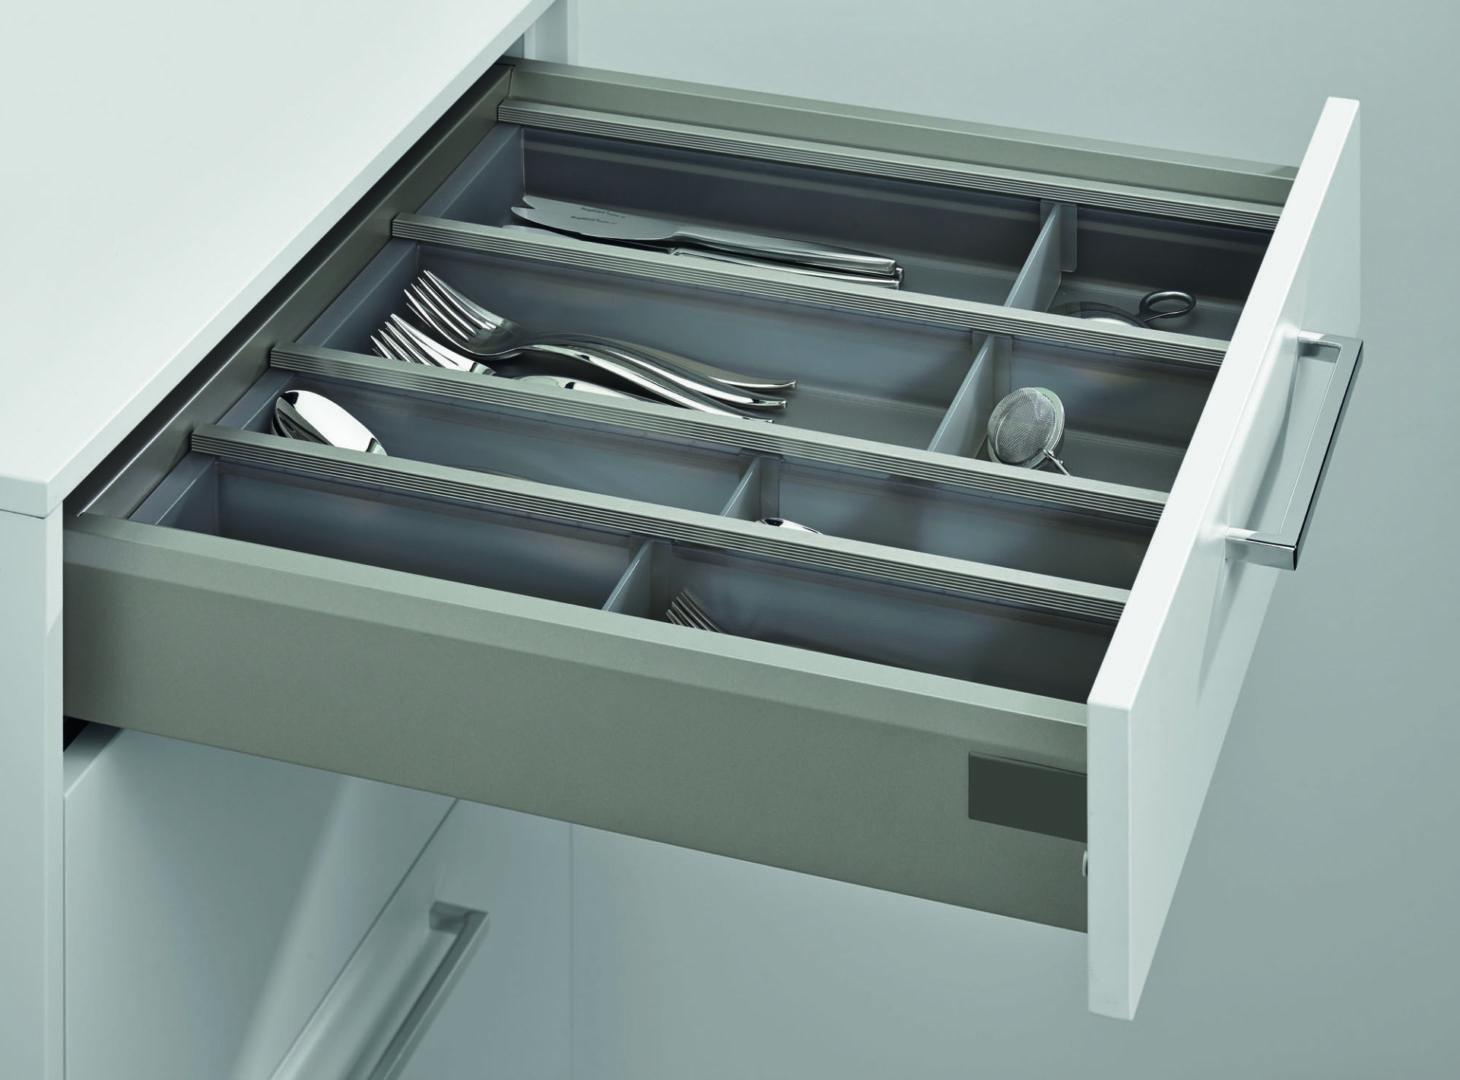 pn SK 2 scaled - Accessori cucina